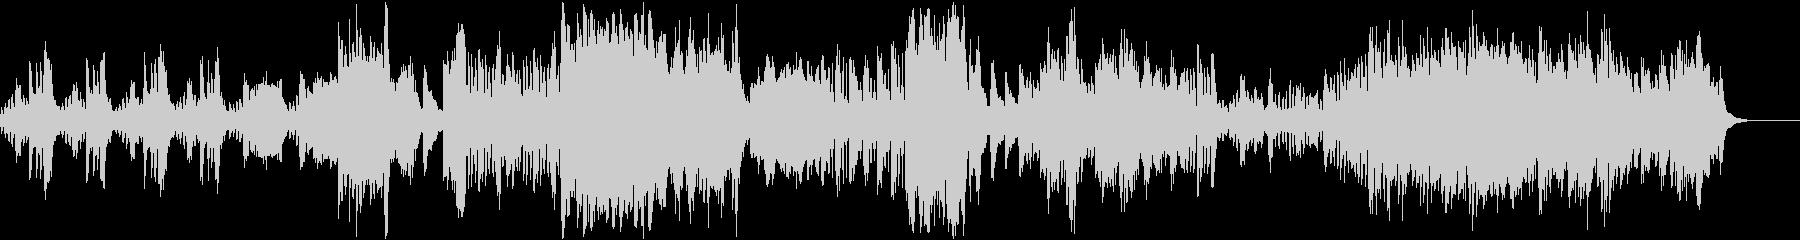 ピアノ協奏曲第21番第3楽章モーツァルトの未再生の波形